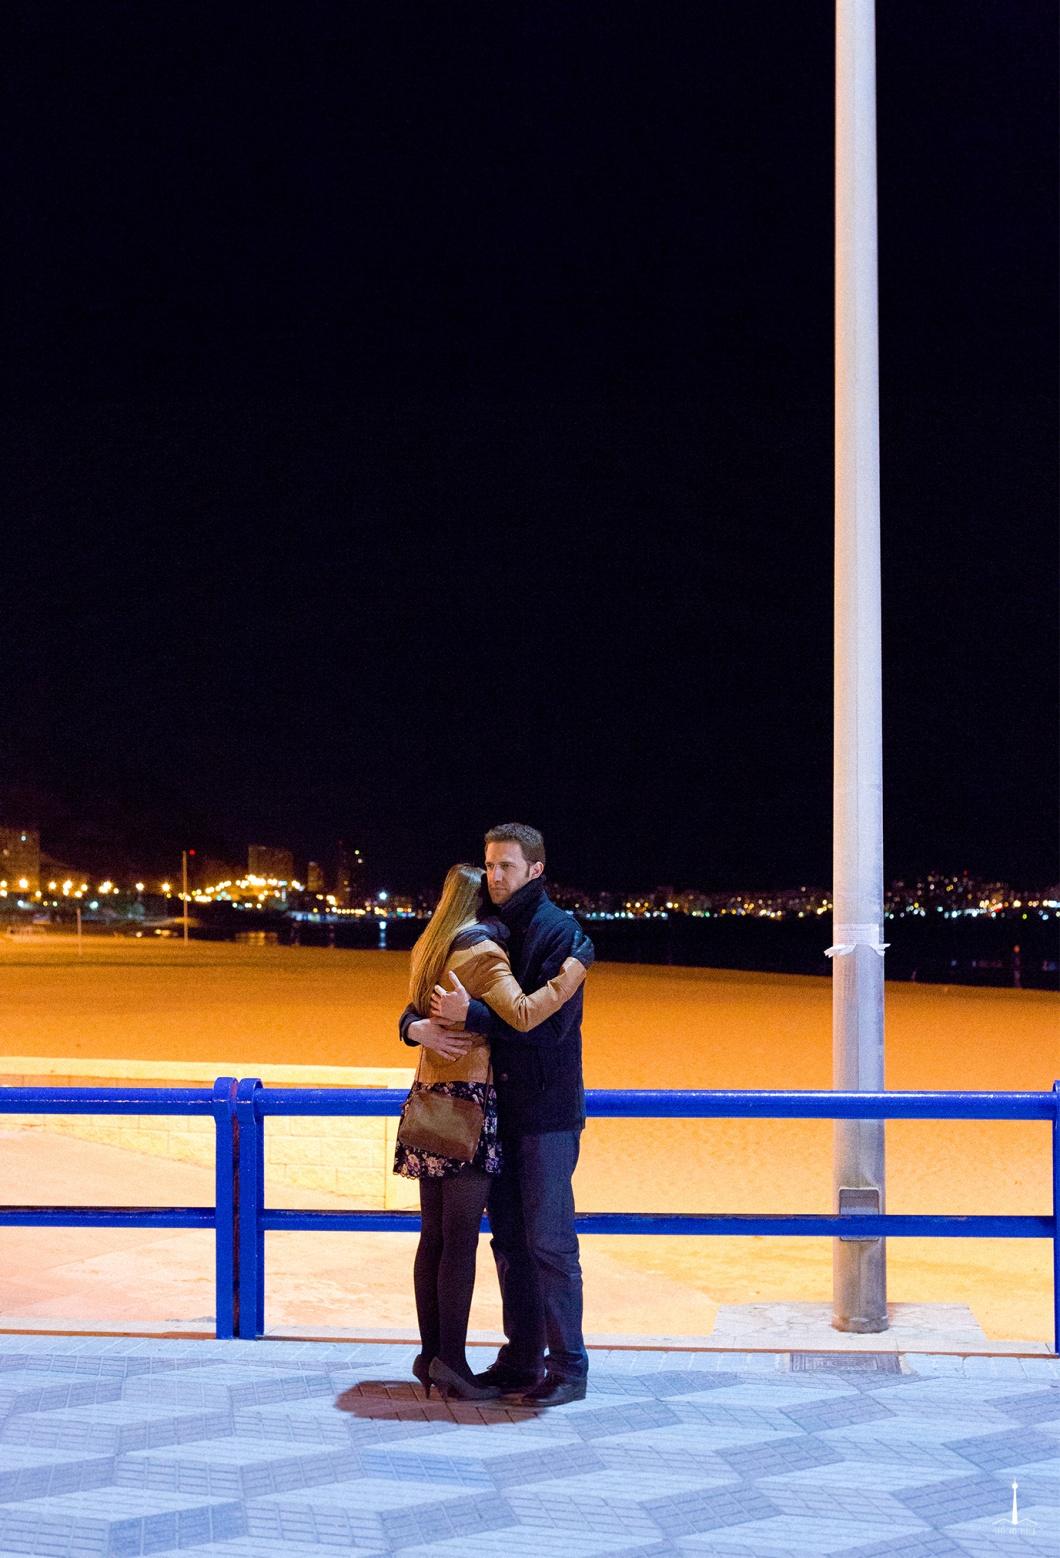 fotografia-alicante-nocturna-7